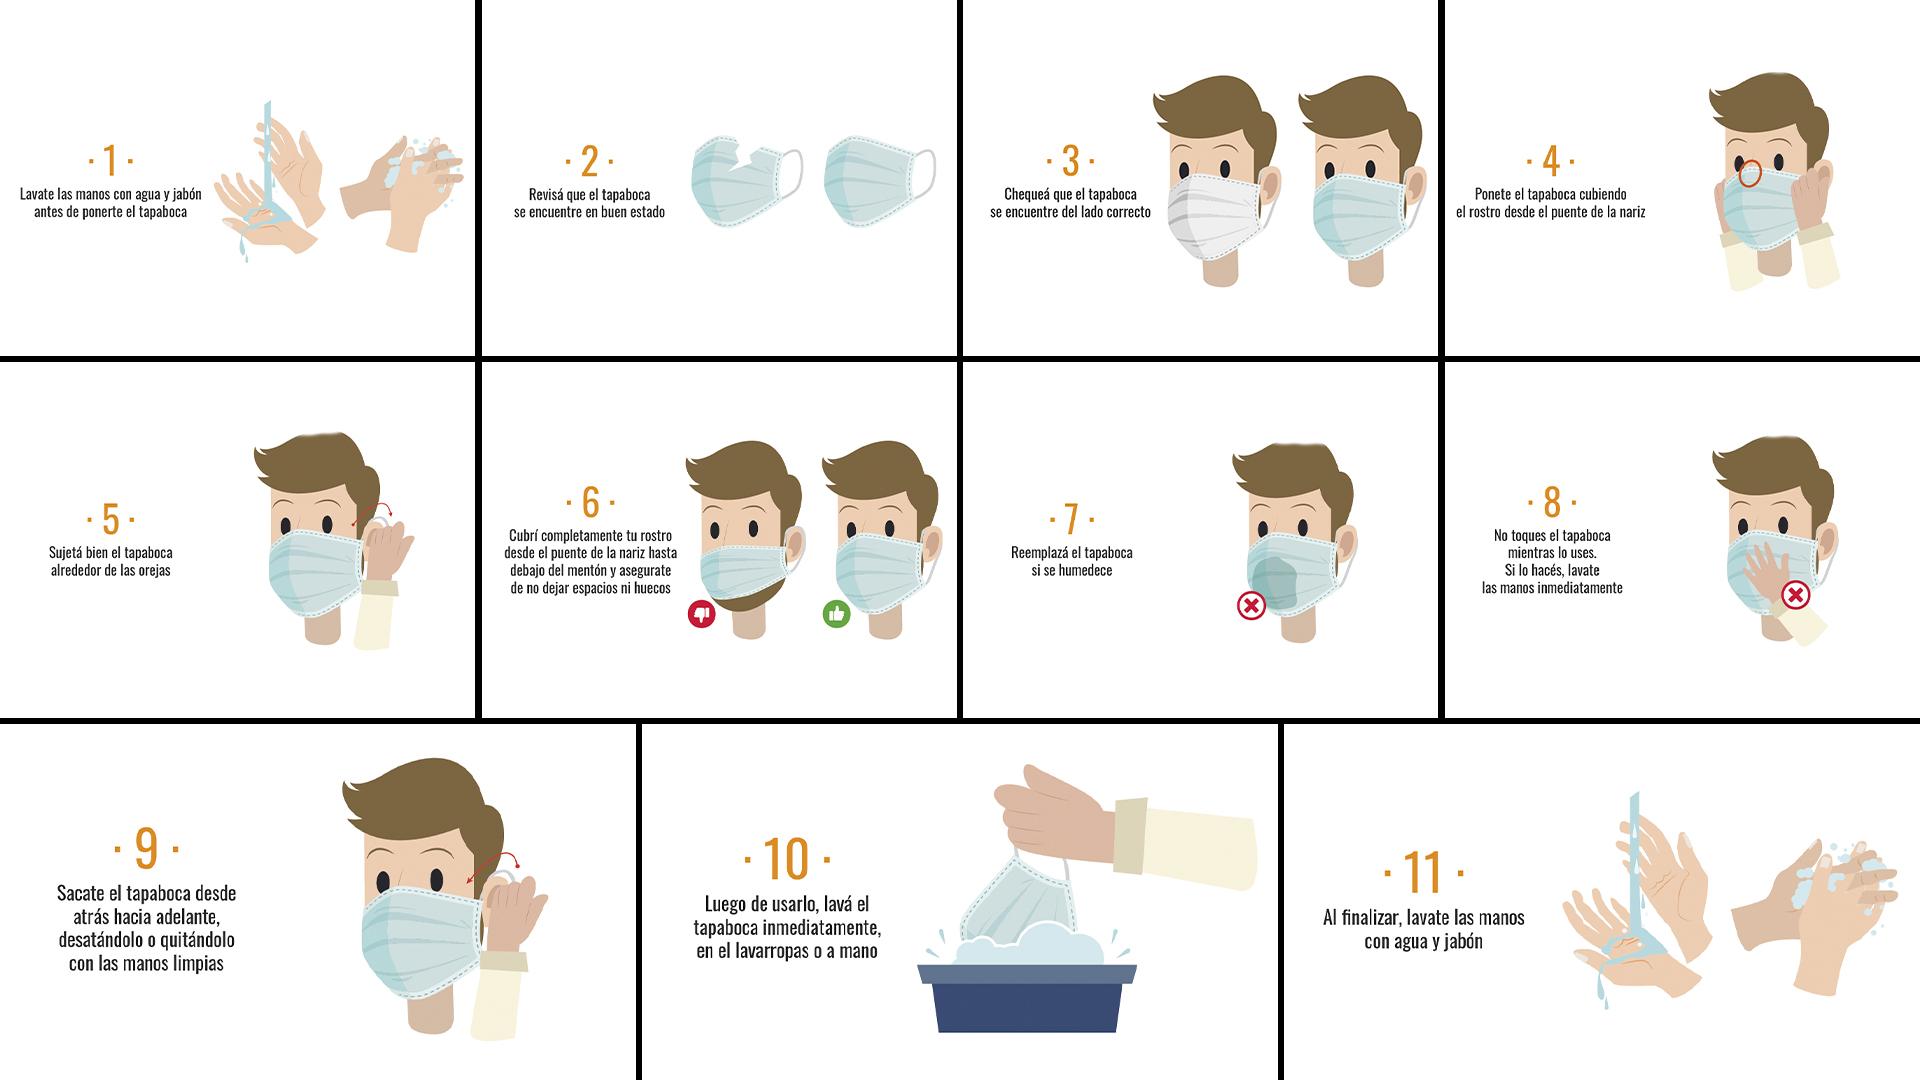 Paso a paso: cómo utilizar un tapabocas correctamente - Infobae